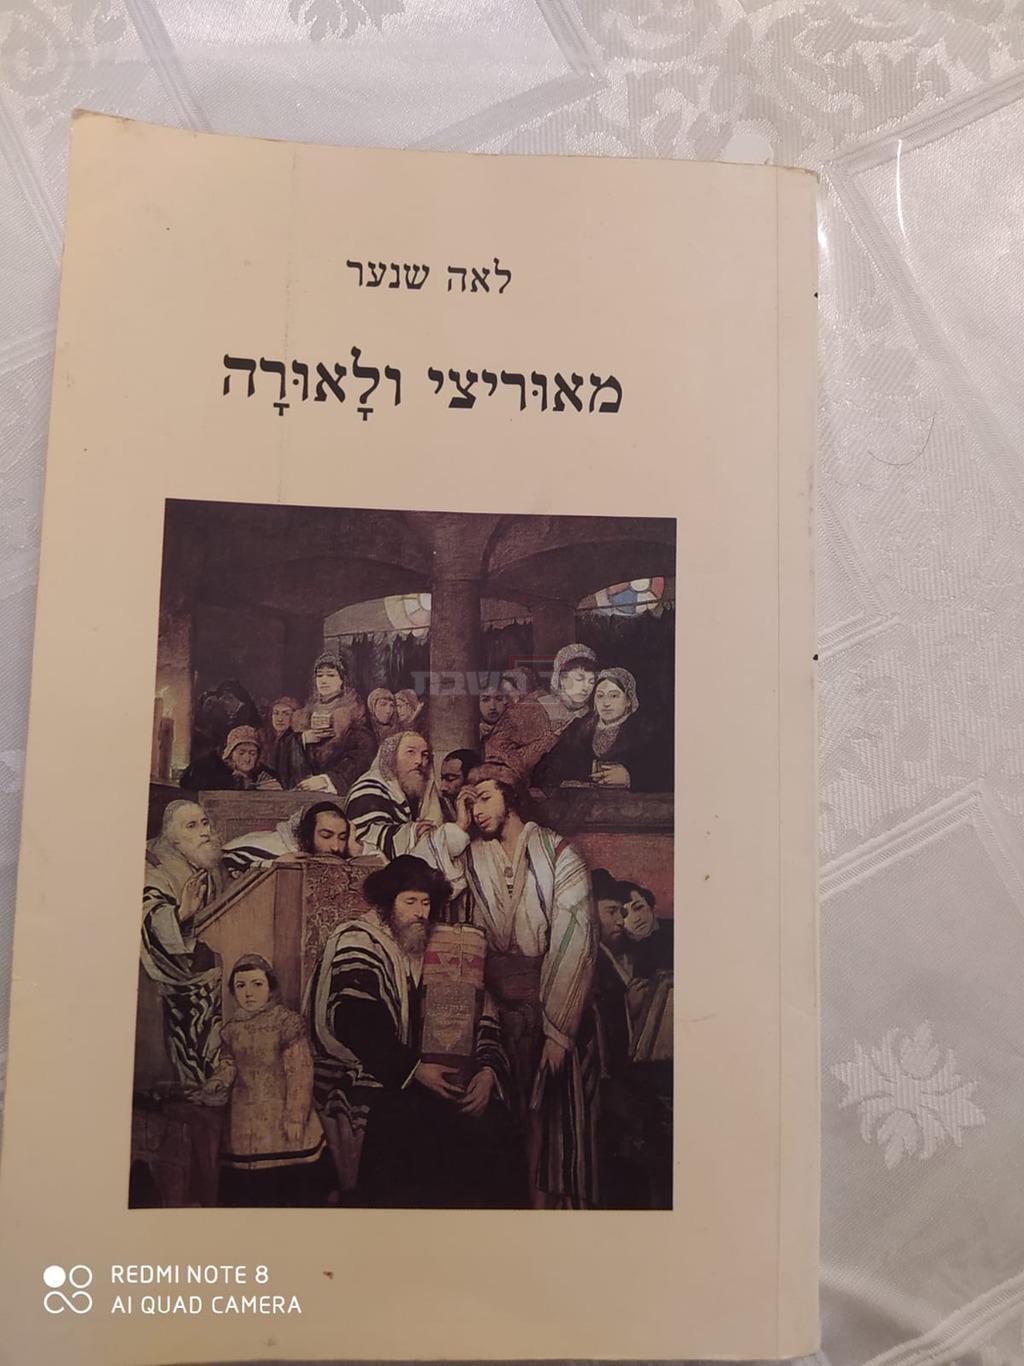 הספר שנכתב על הציור ''יהודים מתפללים ביום כיפור בבית כנסת'' ( באדיבות יראת לוי (קלי))